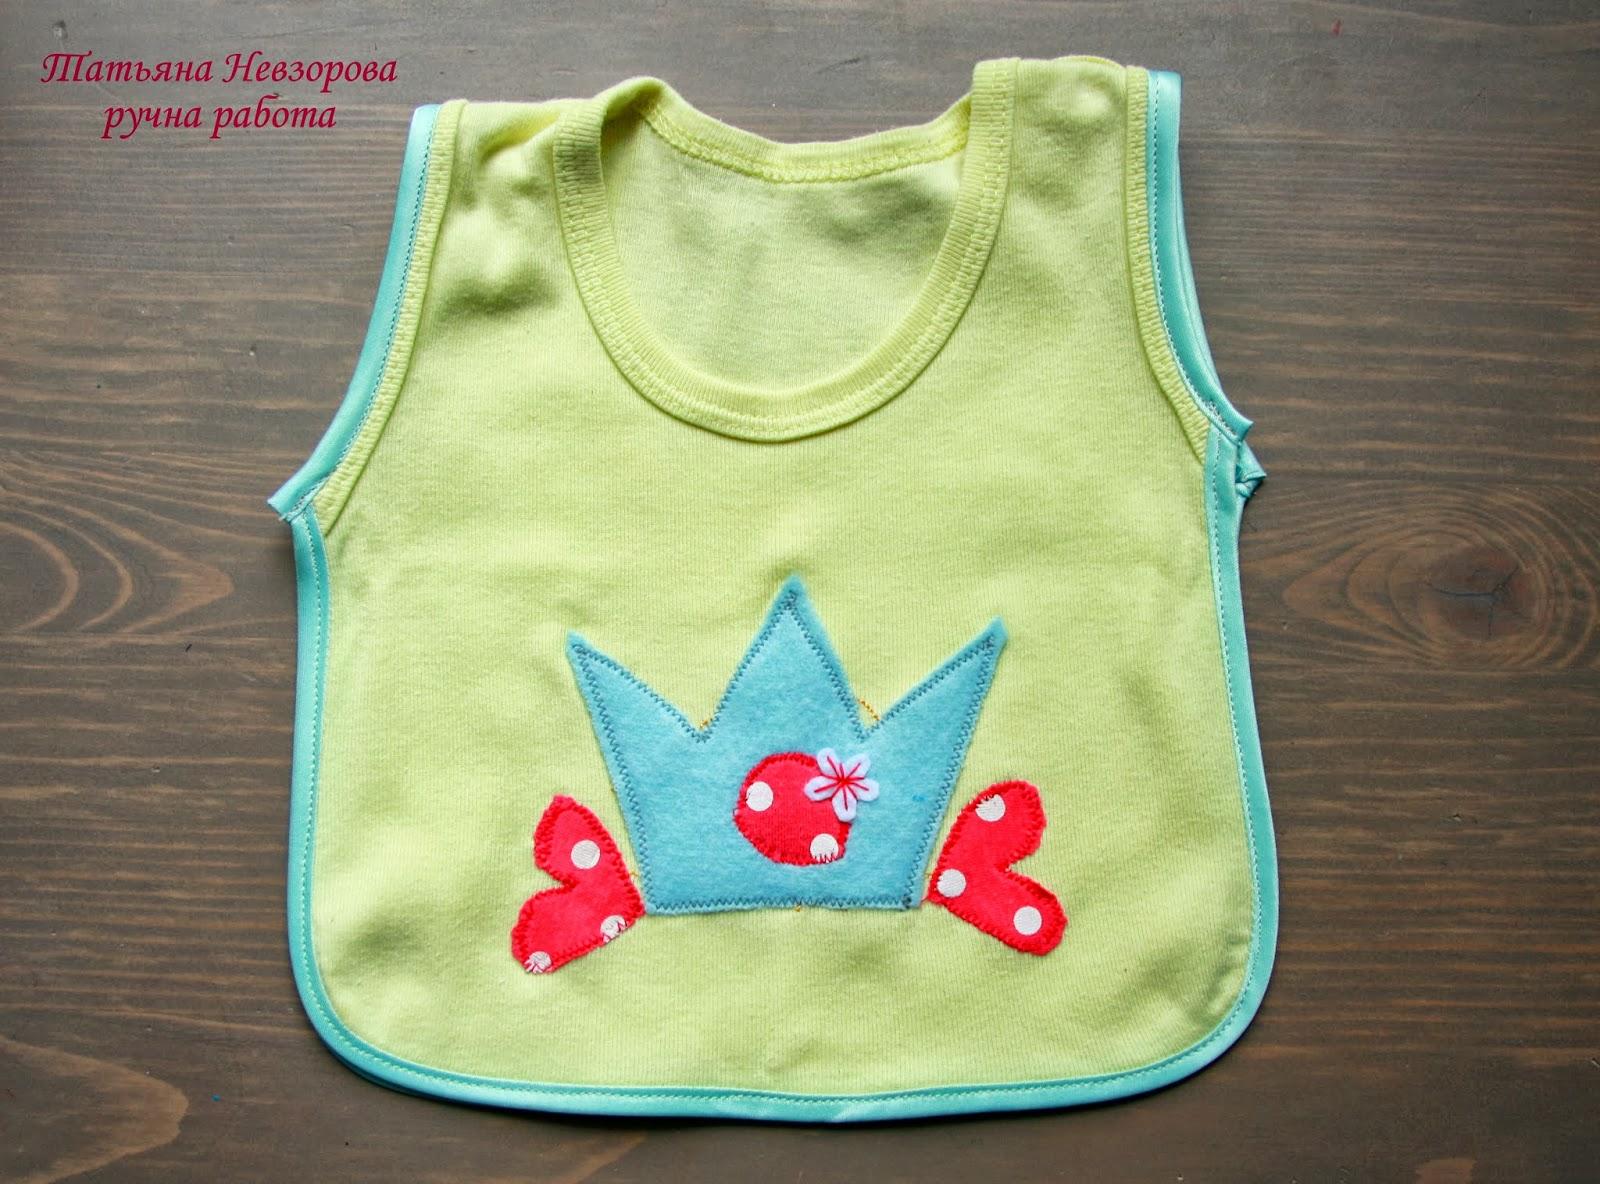 Как сшить нагрудник для малыша (ребенка) своими руками 9